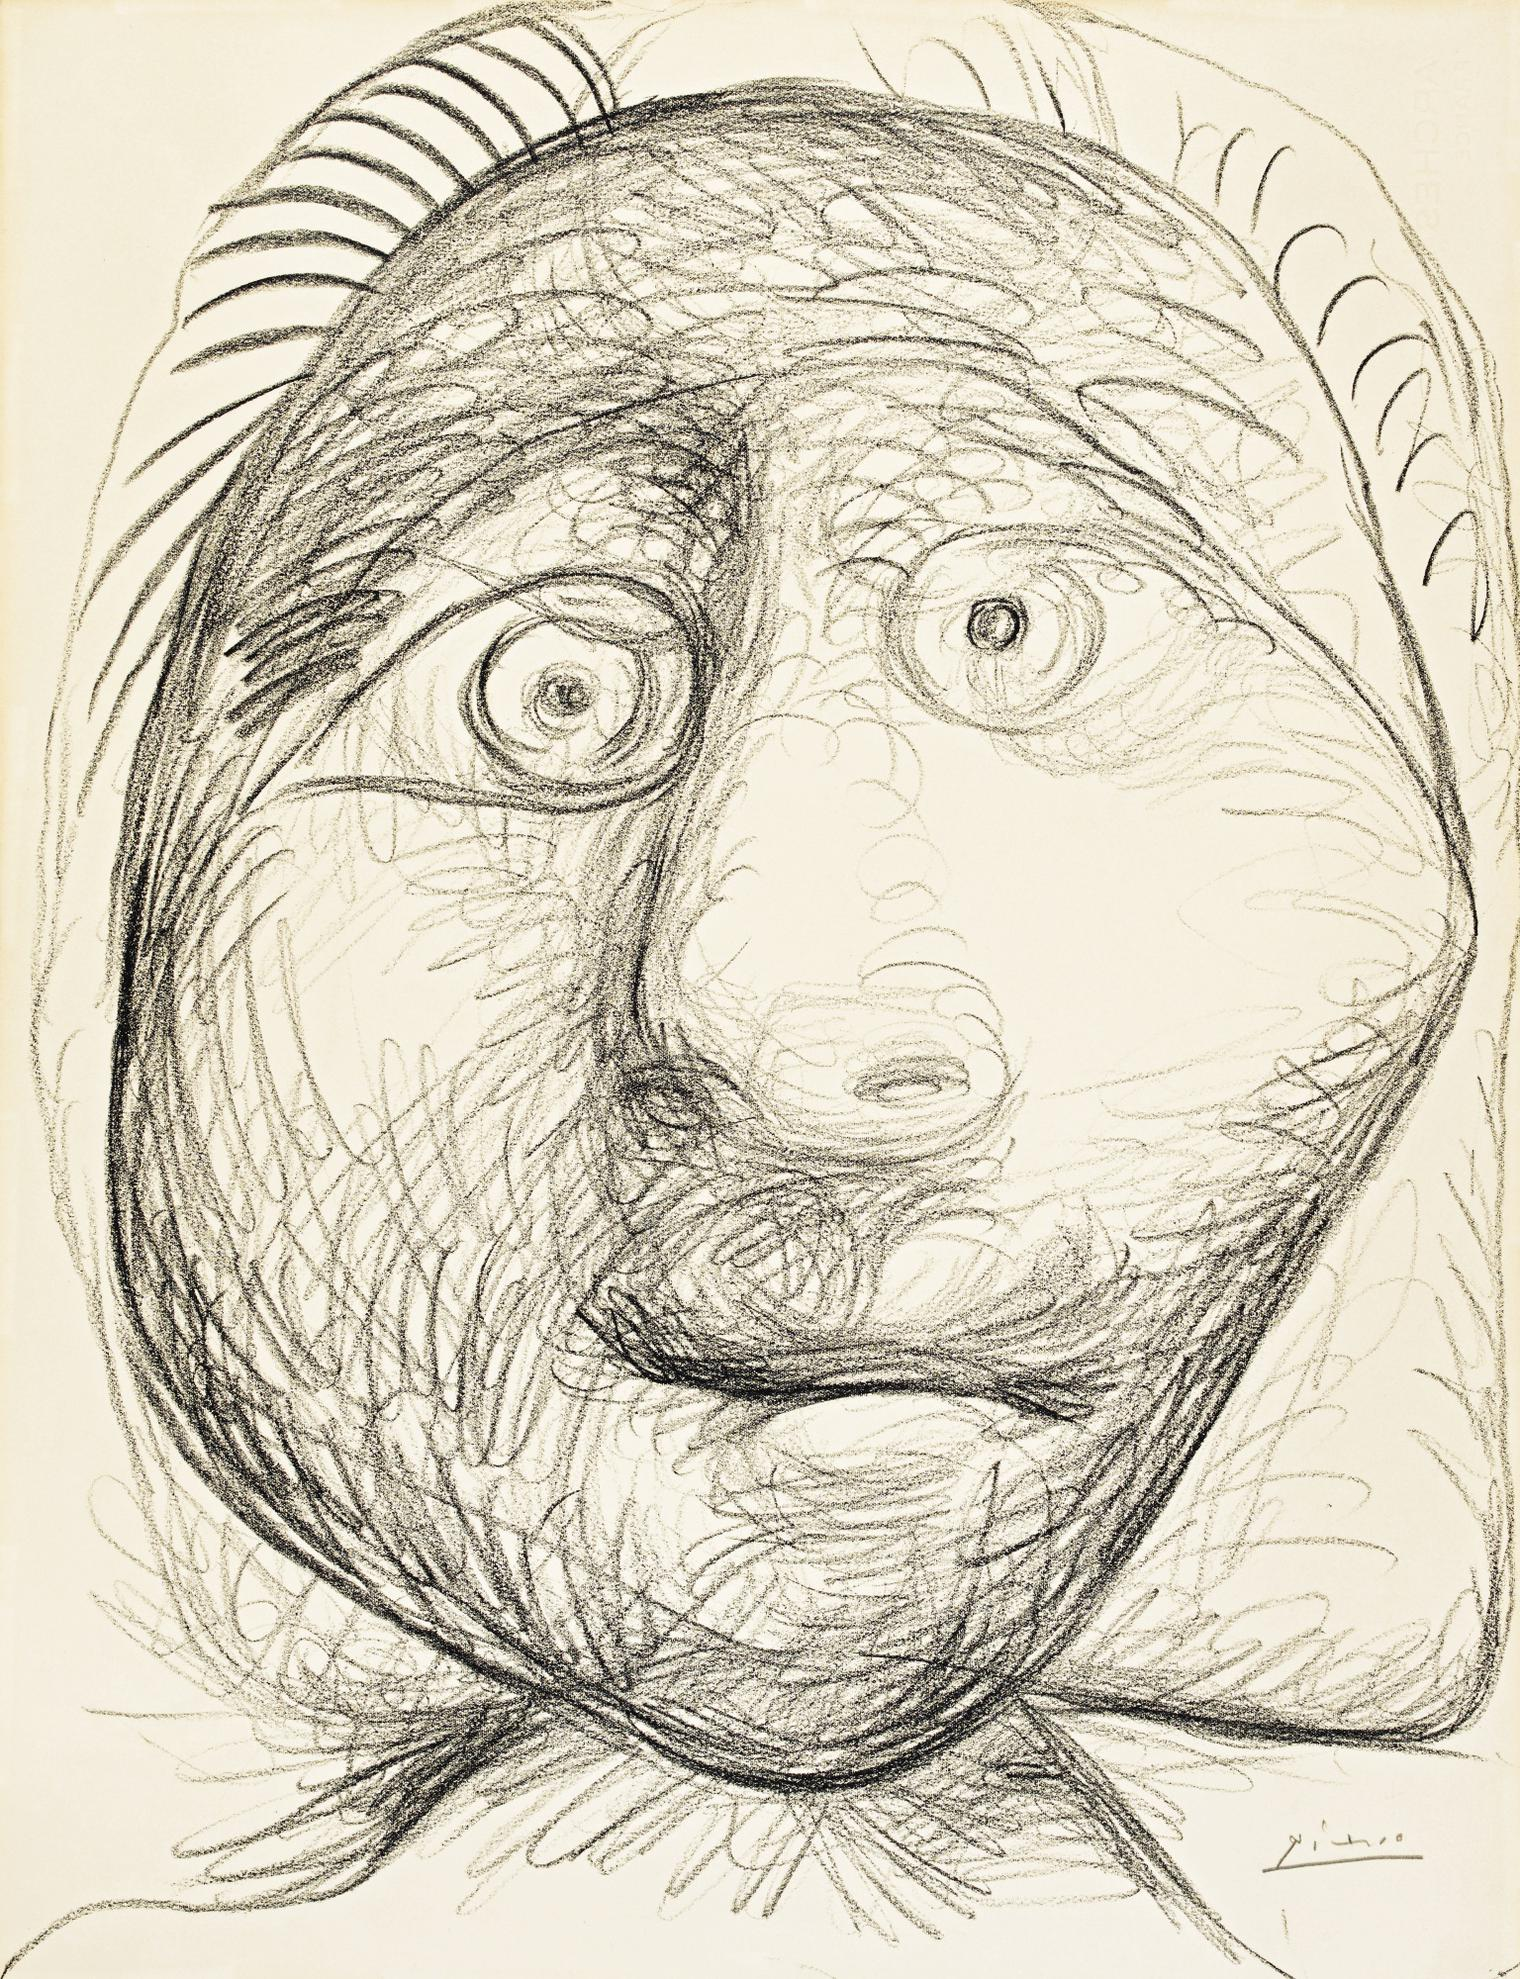 Pablo Picasso-Tete-1972